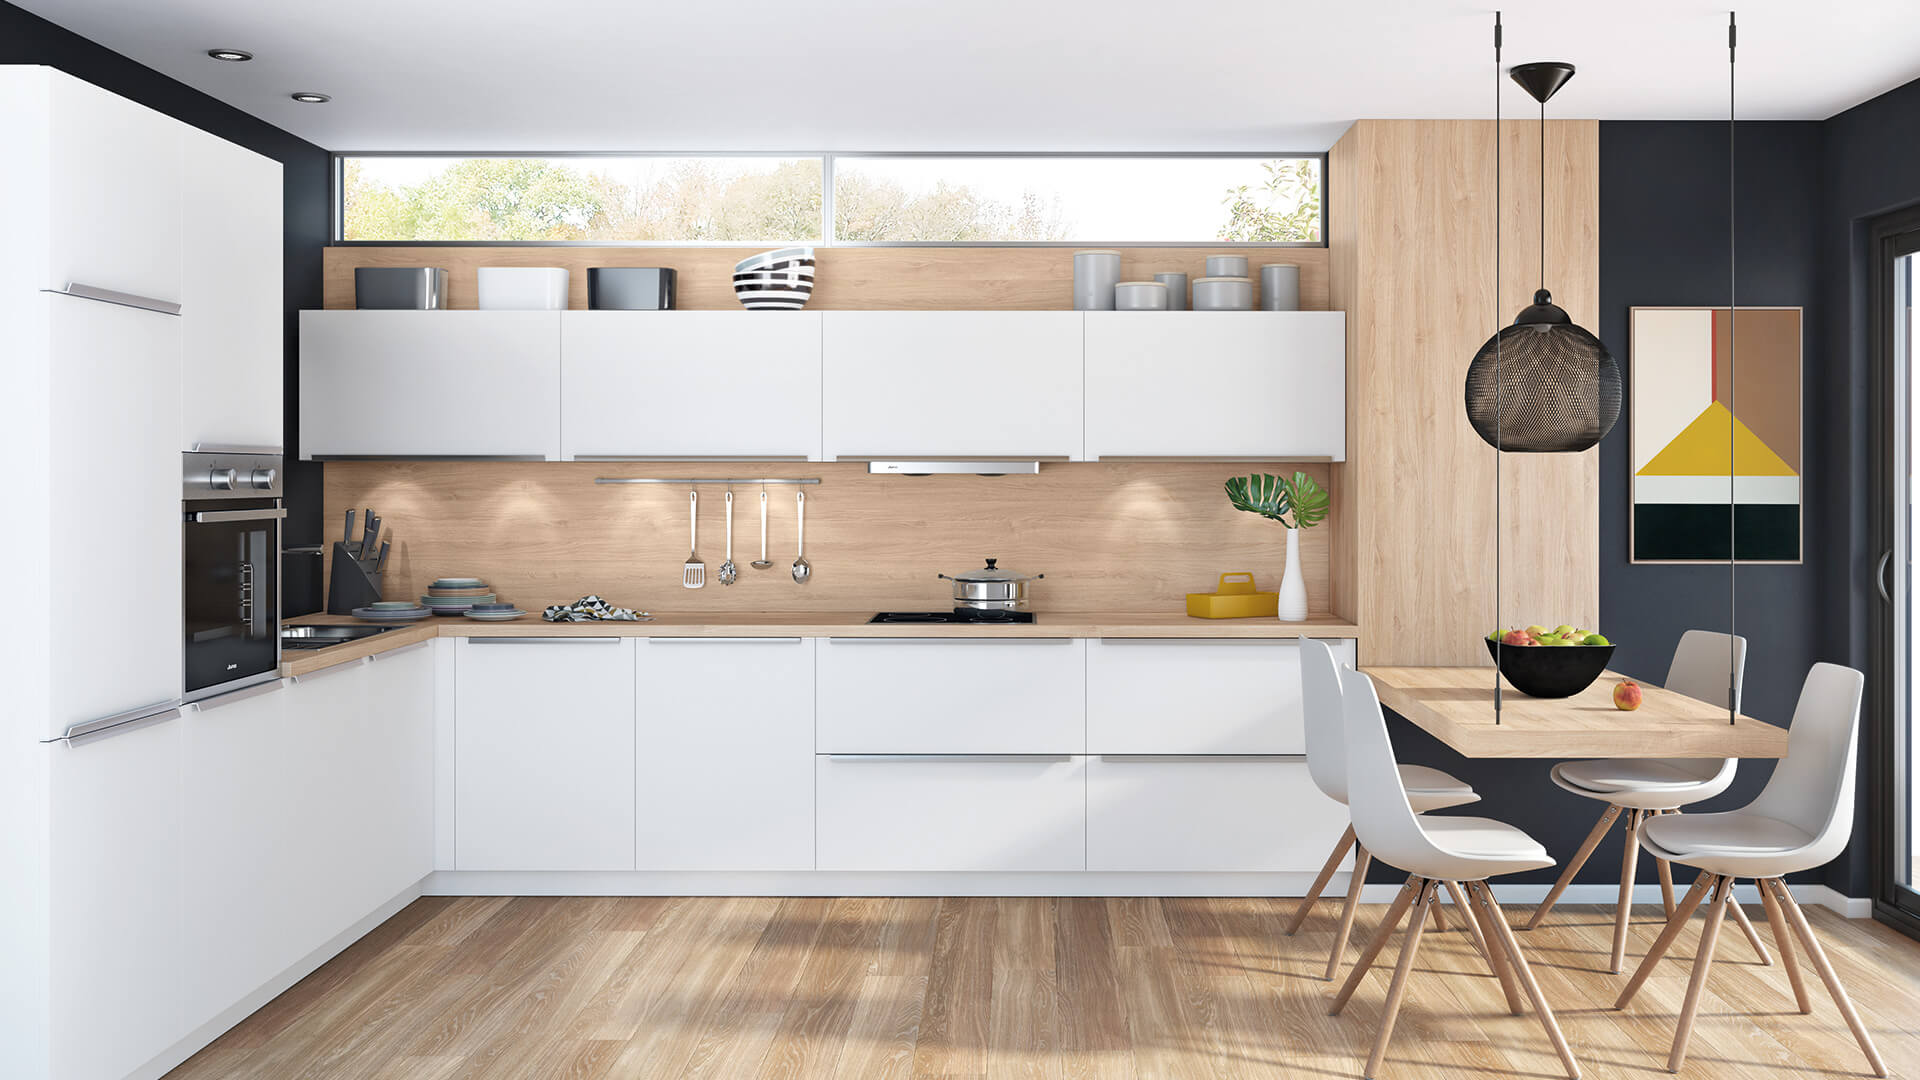 k che sch ller erfahrung h cker k che bristol drei zimmer sarg antirutschmatte ikea zufrieden. Black Bedroom Furniture Sets. Home Design Ideas